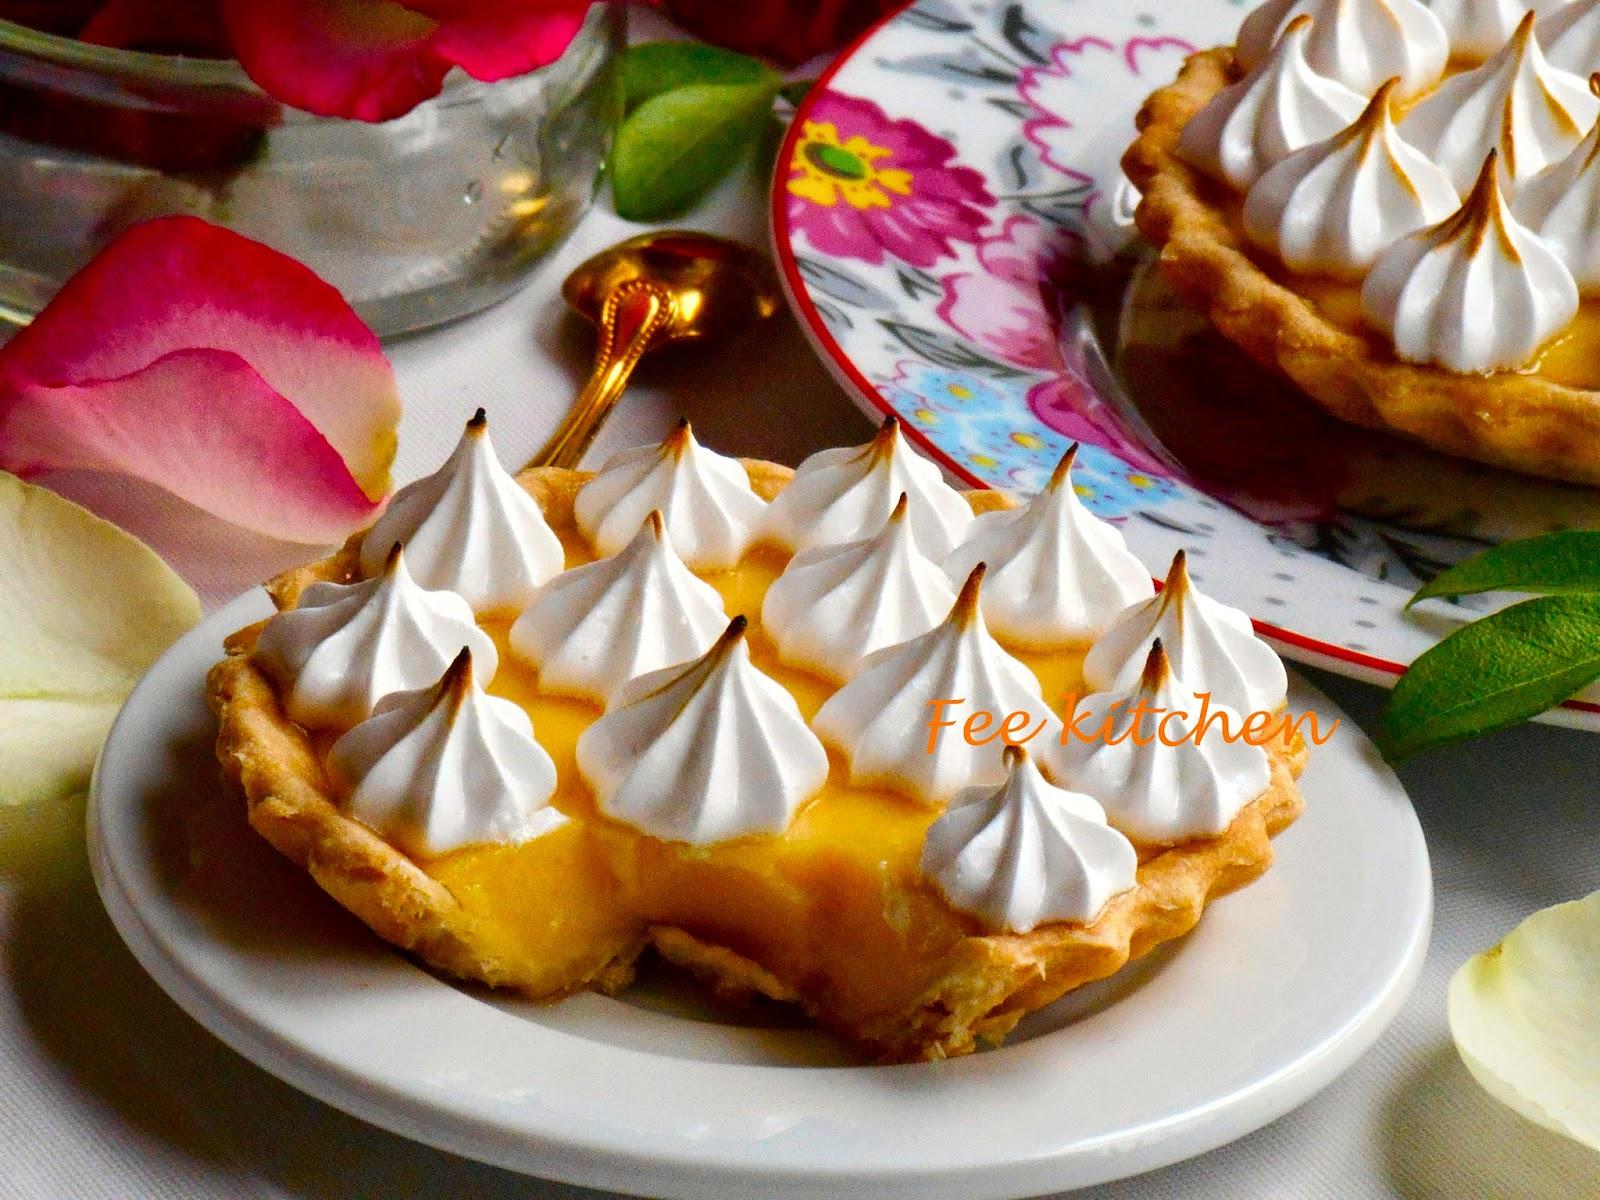 Tarte au citron meringue